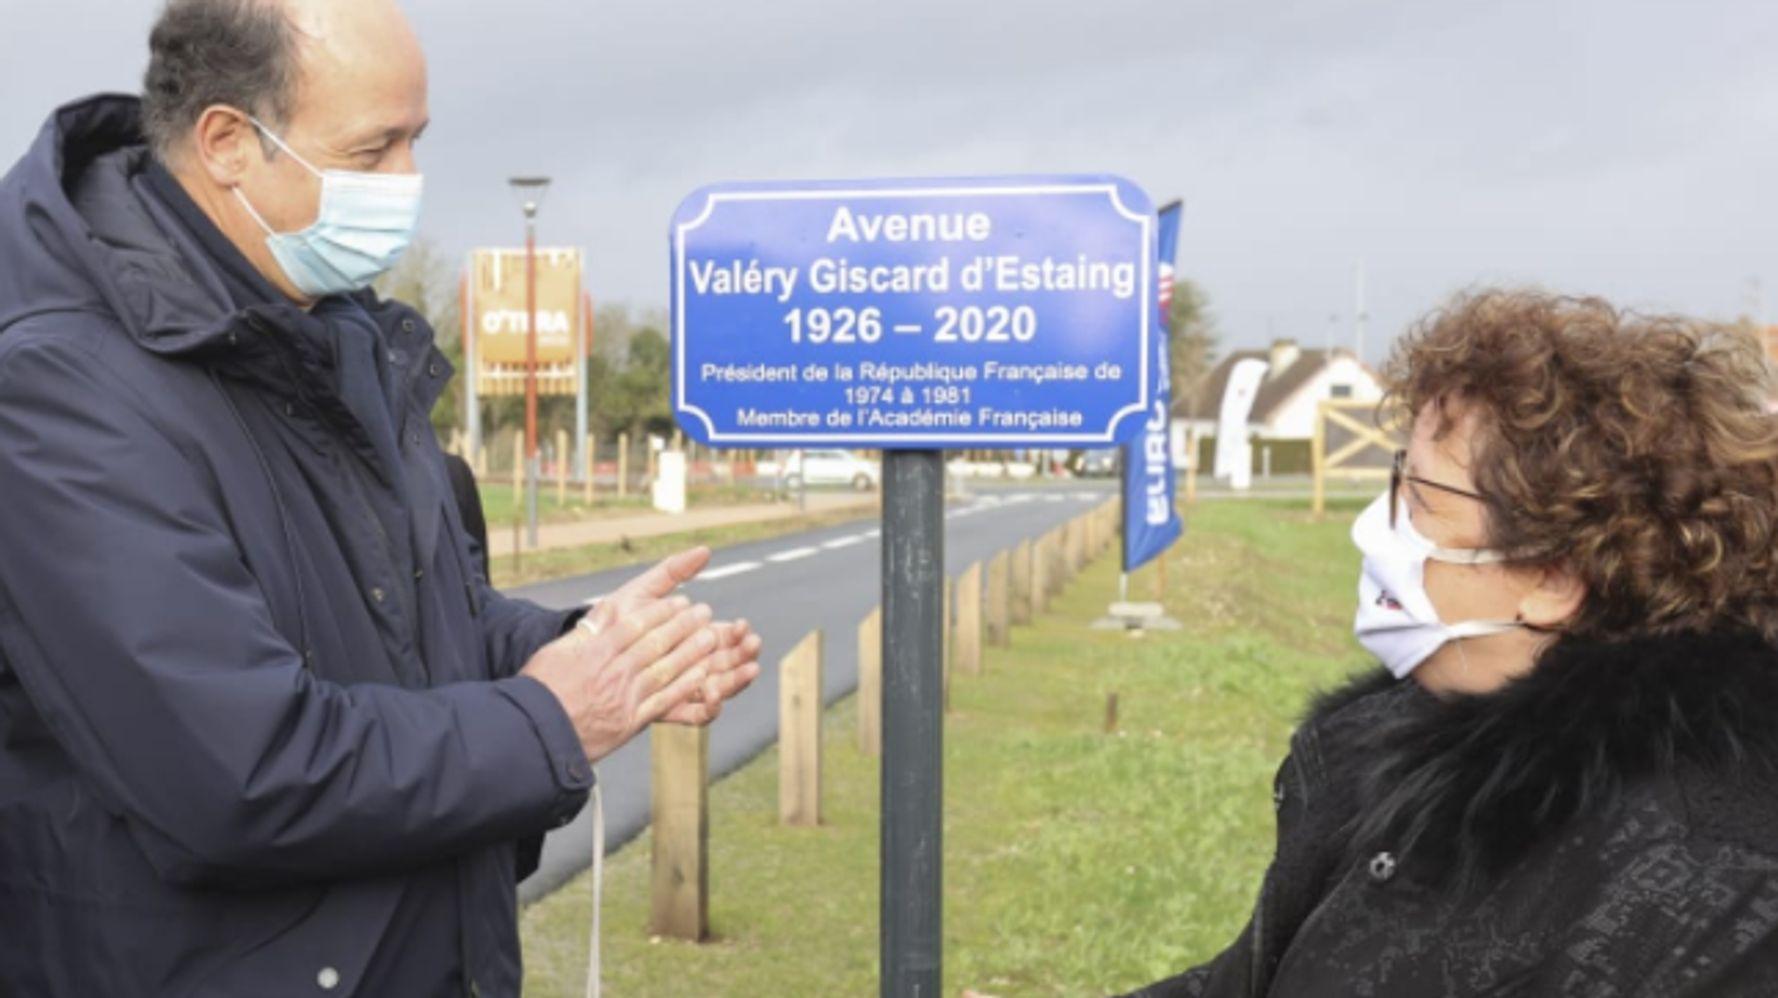 Amiens inaugure la première avenue Valéry Giscard d'Estaing